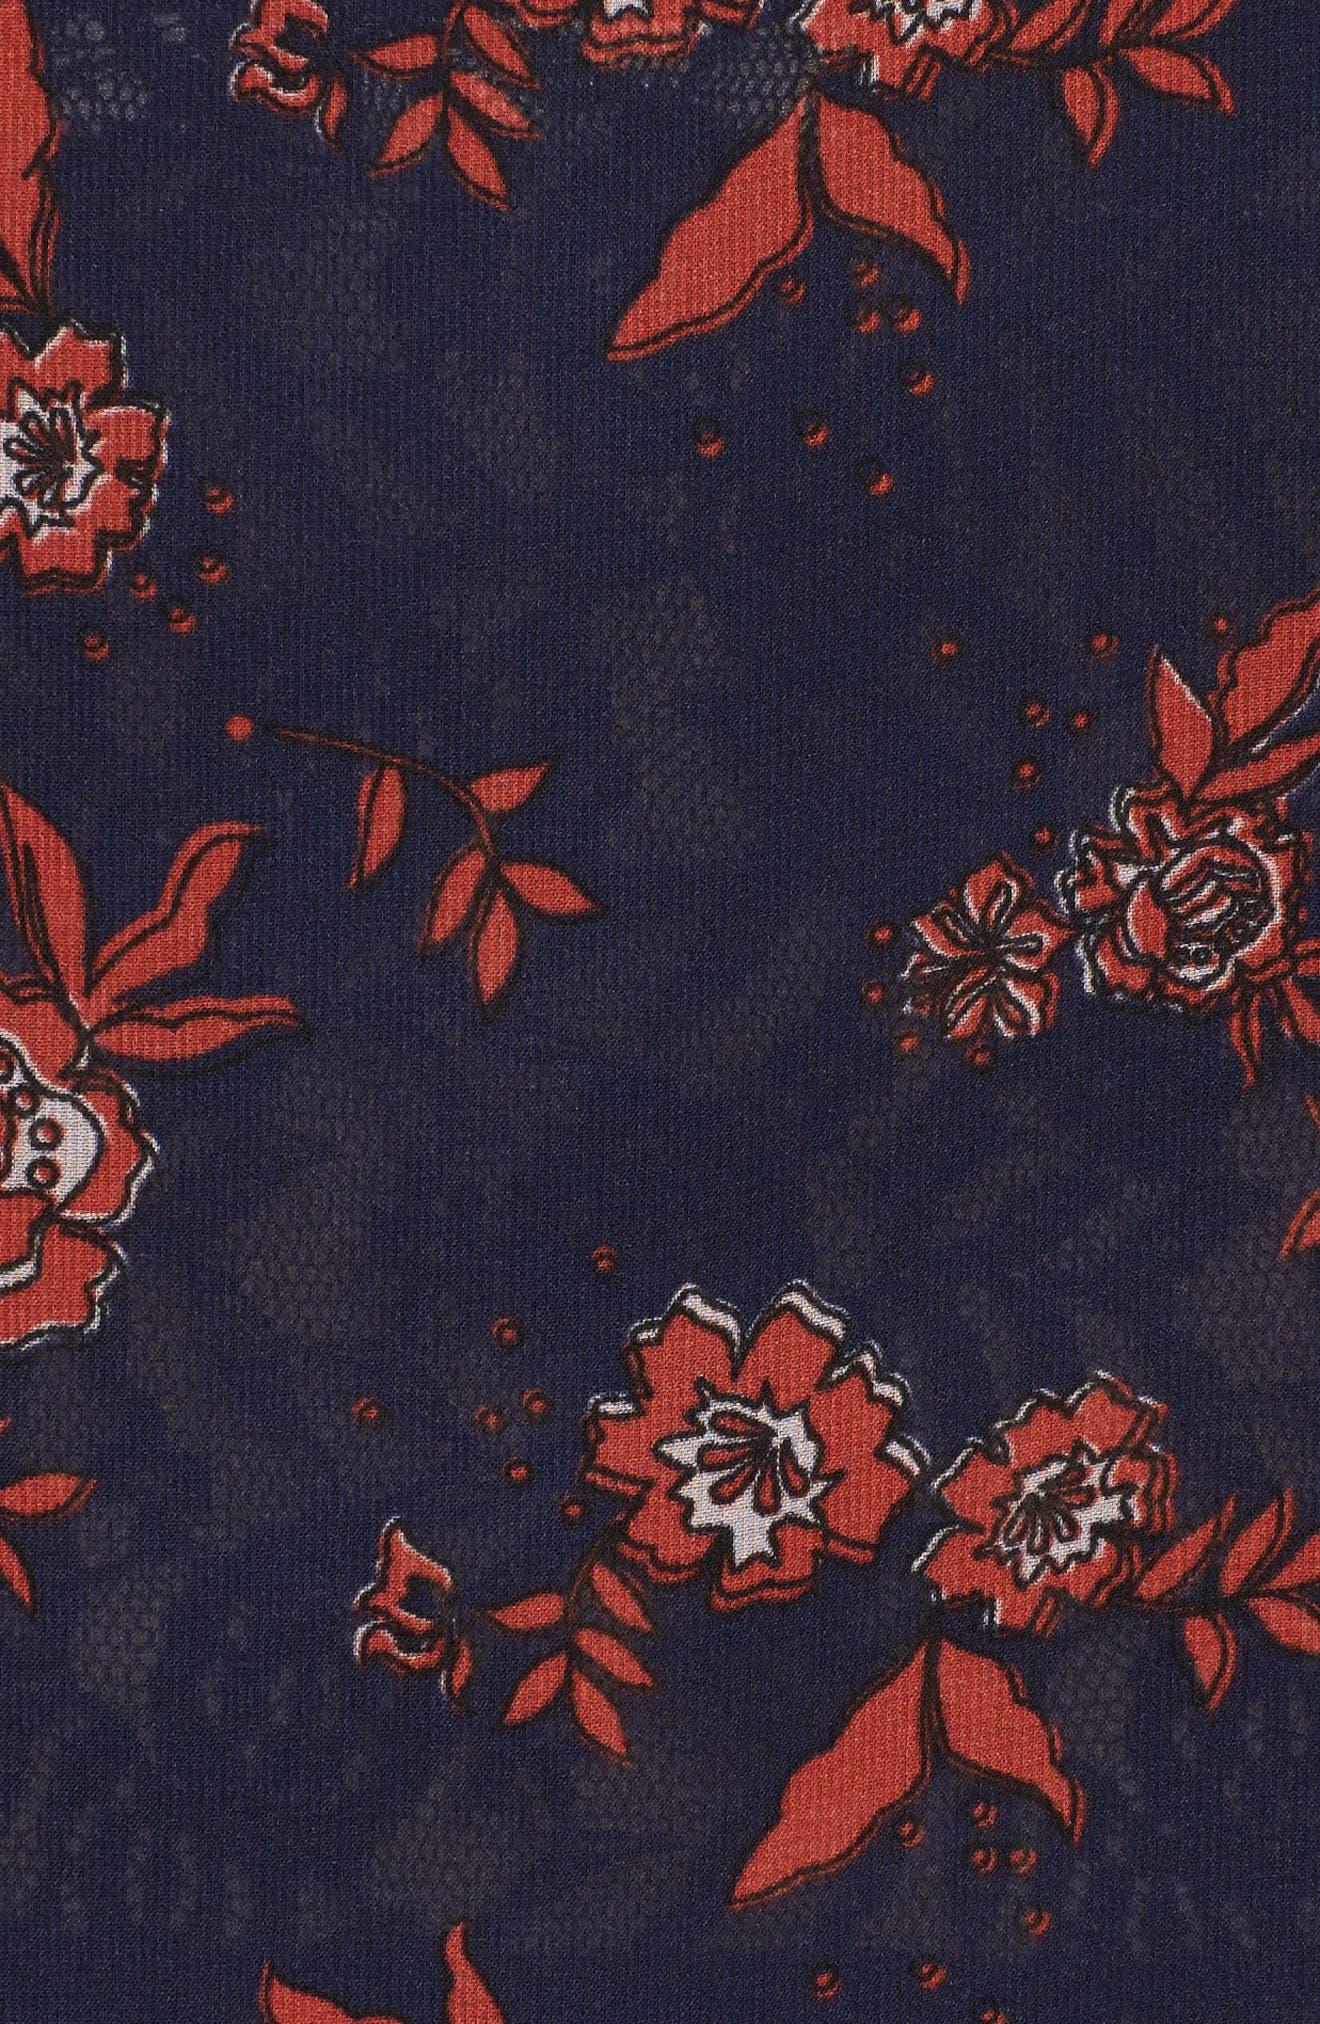 Capital Floral Blouse,                             Alternate thumbnail 5, color,                             413